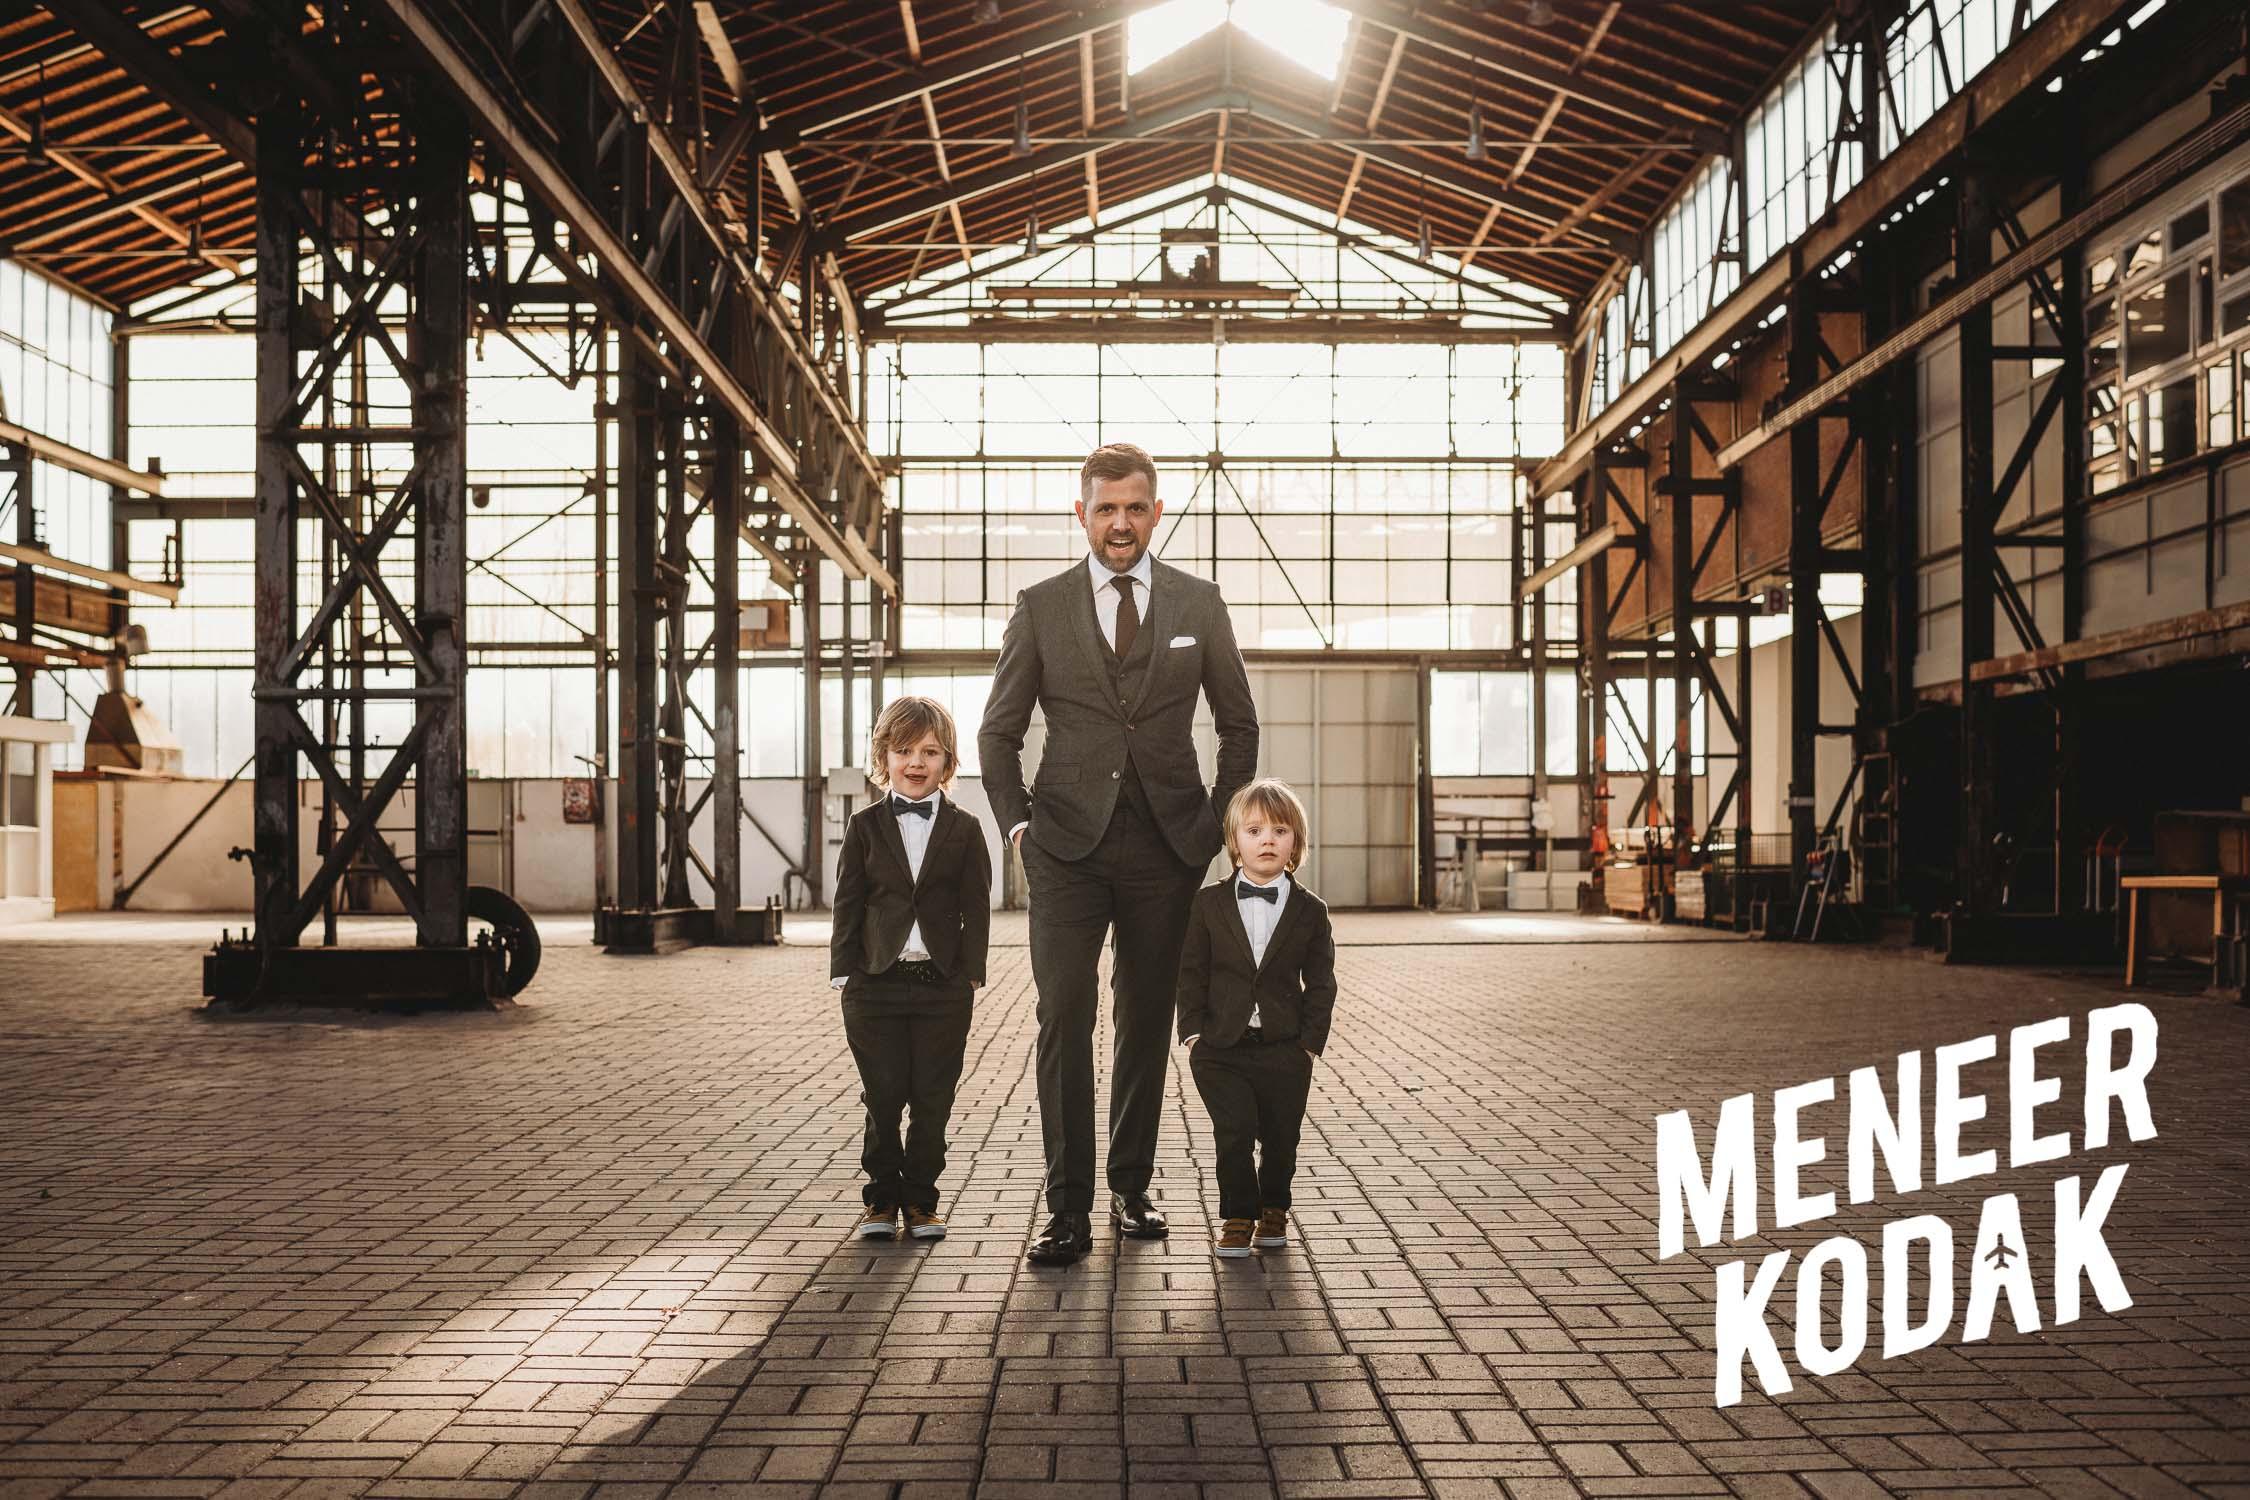 Meneer Kodak - Bruidsfotograaf - Breda - S&R-073.jpg